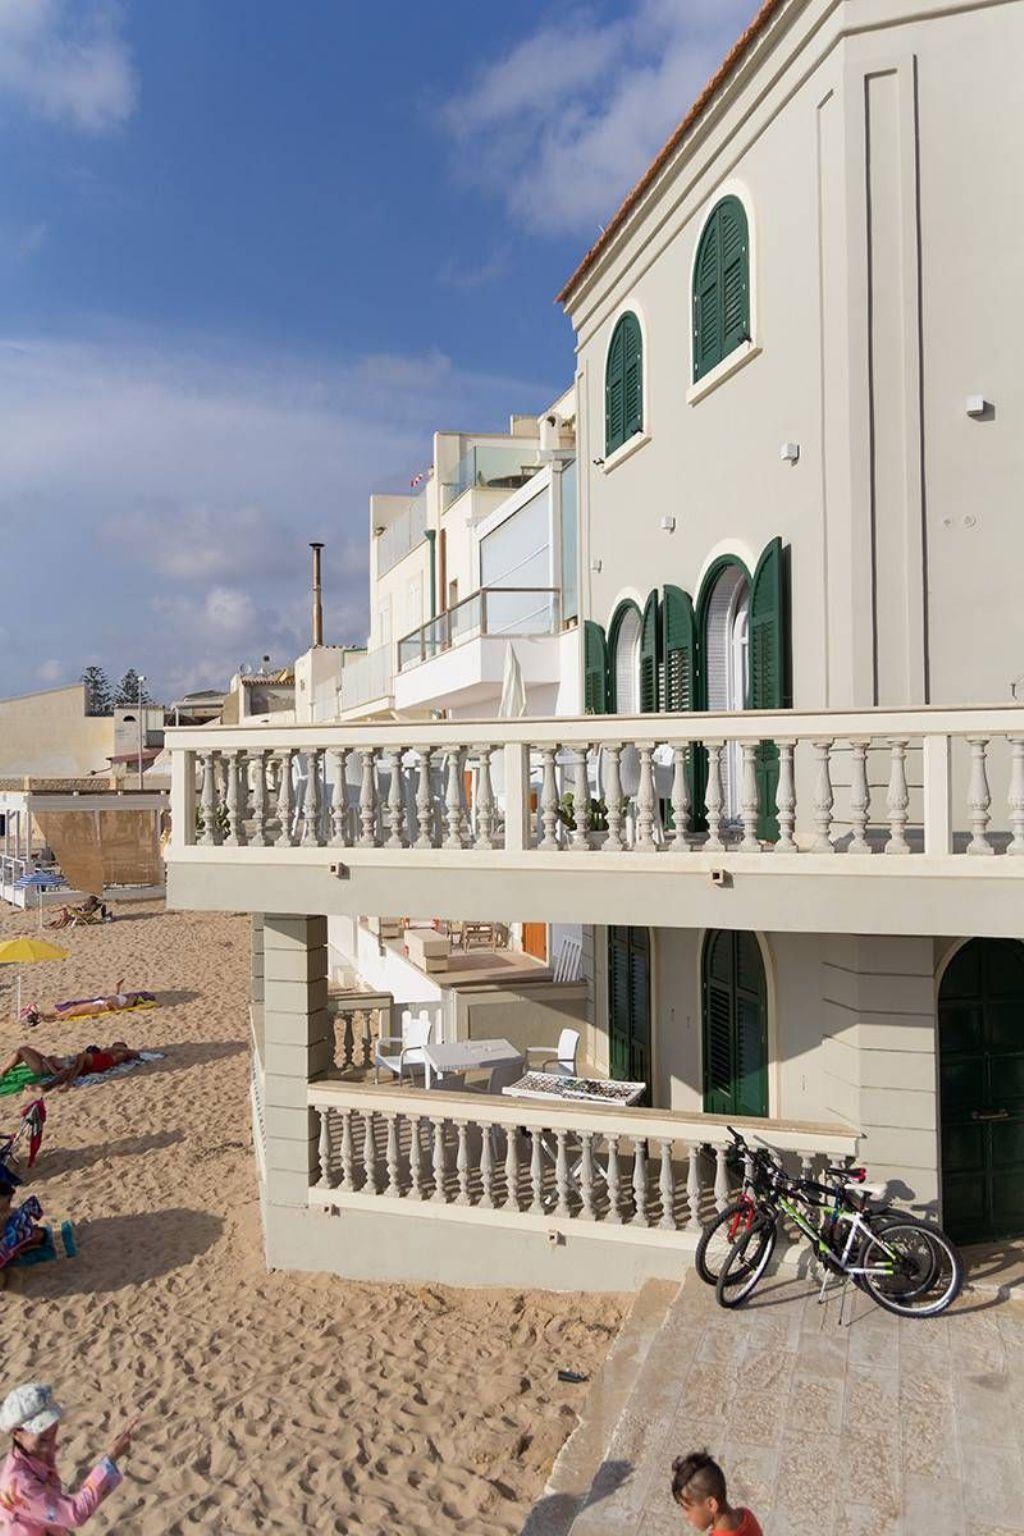 Casa del commissario Montalbano - Punta Secca - Ragusa